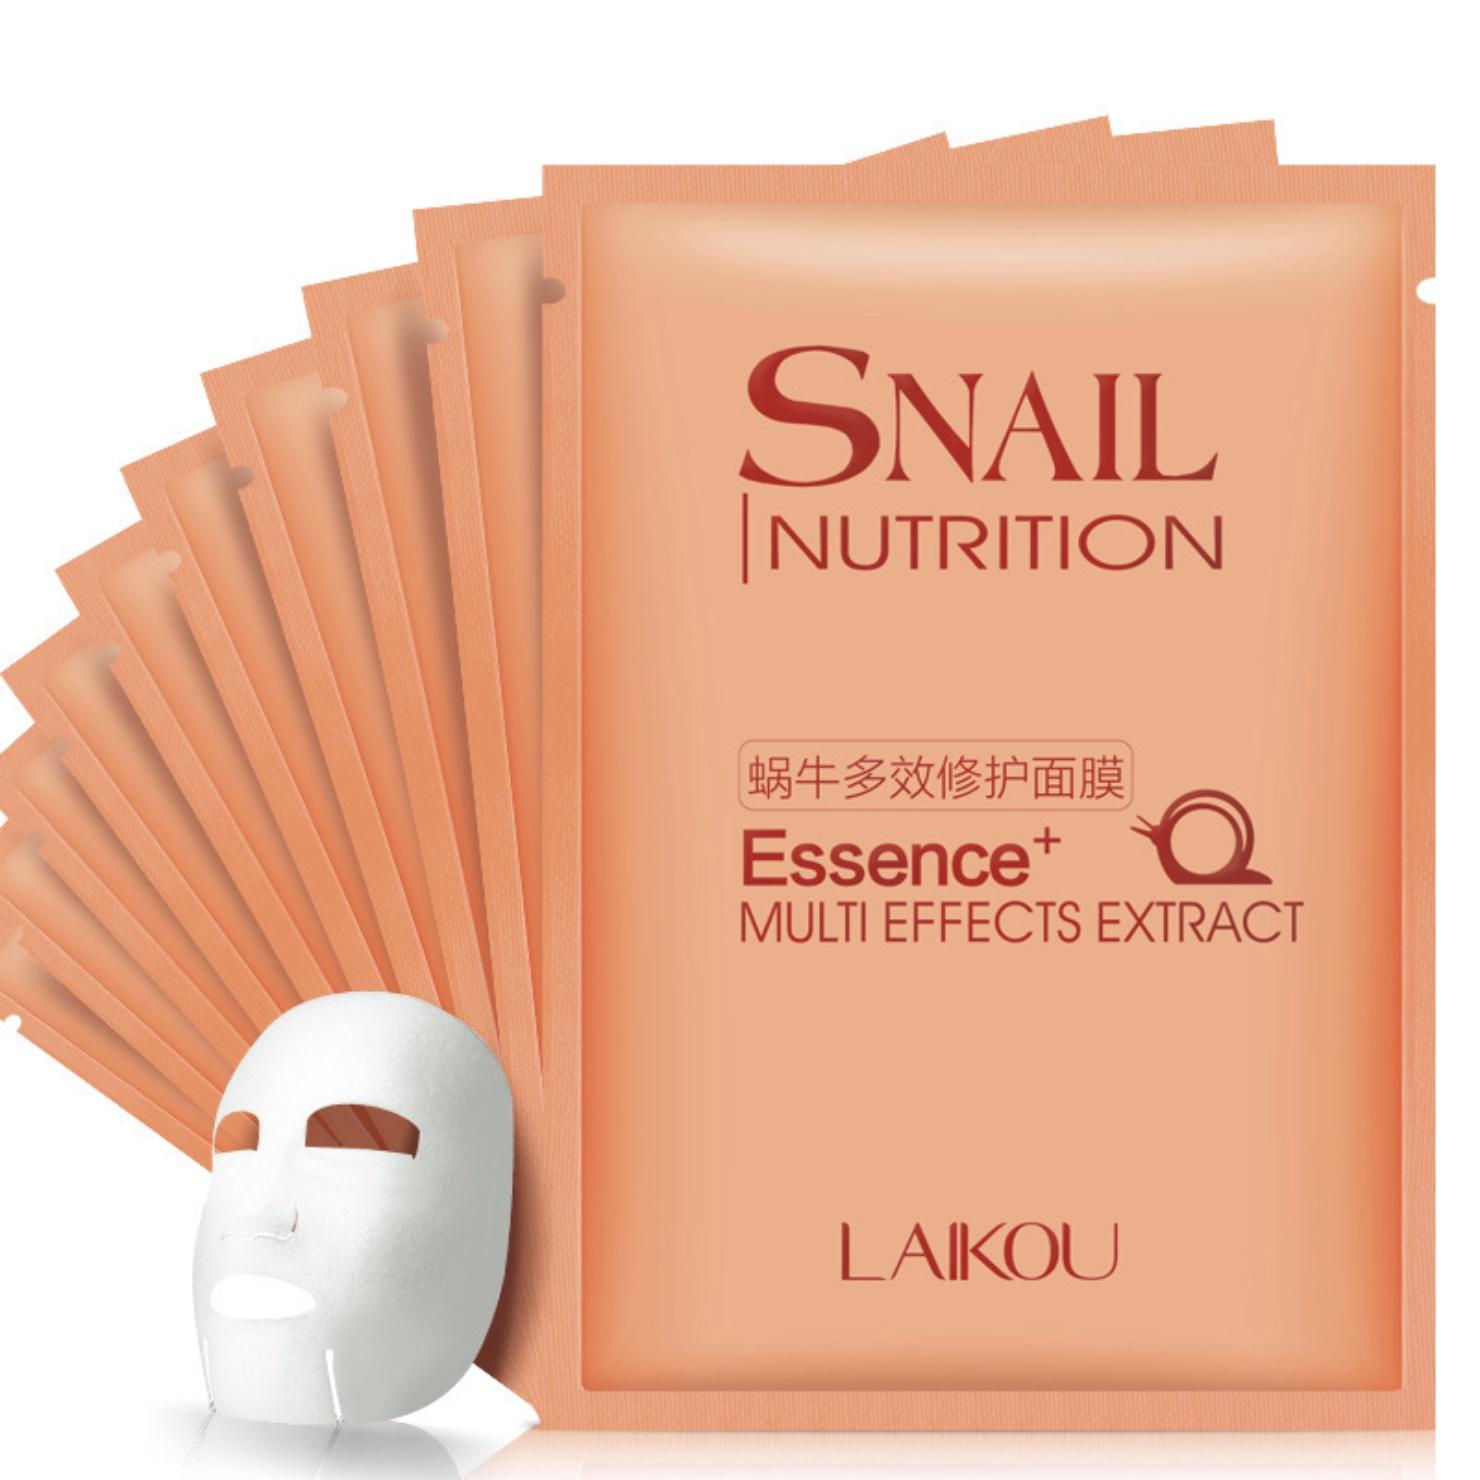 Маска косметическая Laikou набор масок для лица с муцином улитки с антивозрастным эффектом, 10 штук, 30